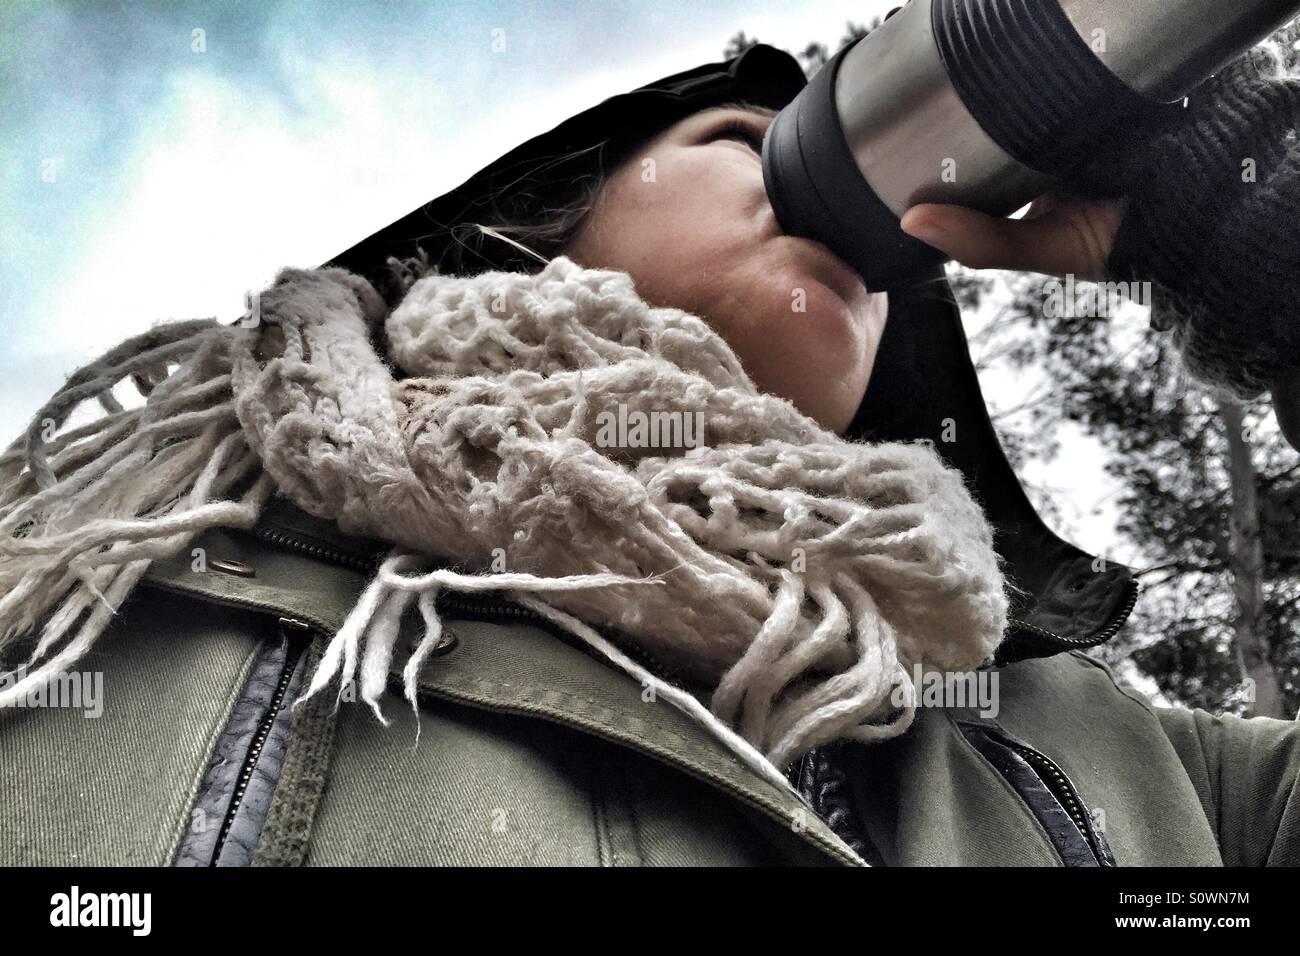 Femme buvant du café sur une froide journée pluvieuse Photo Stock